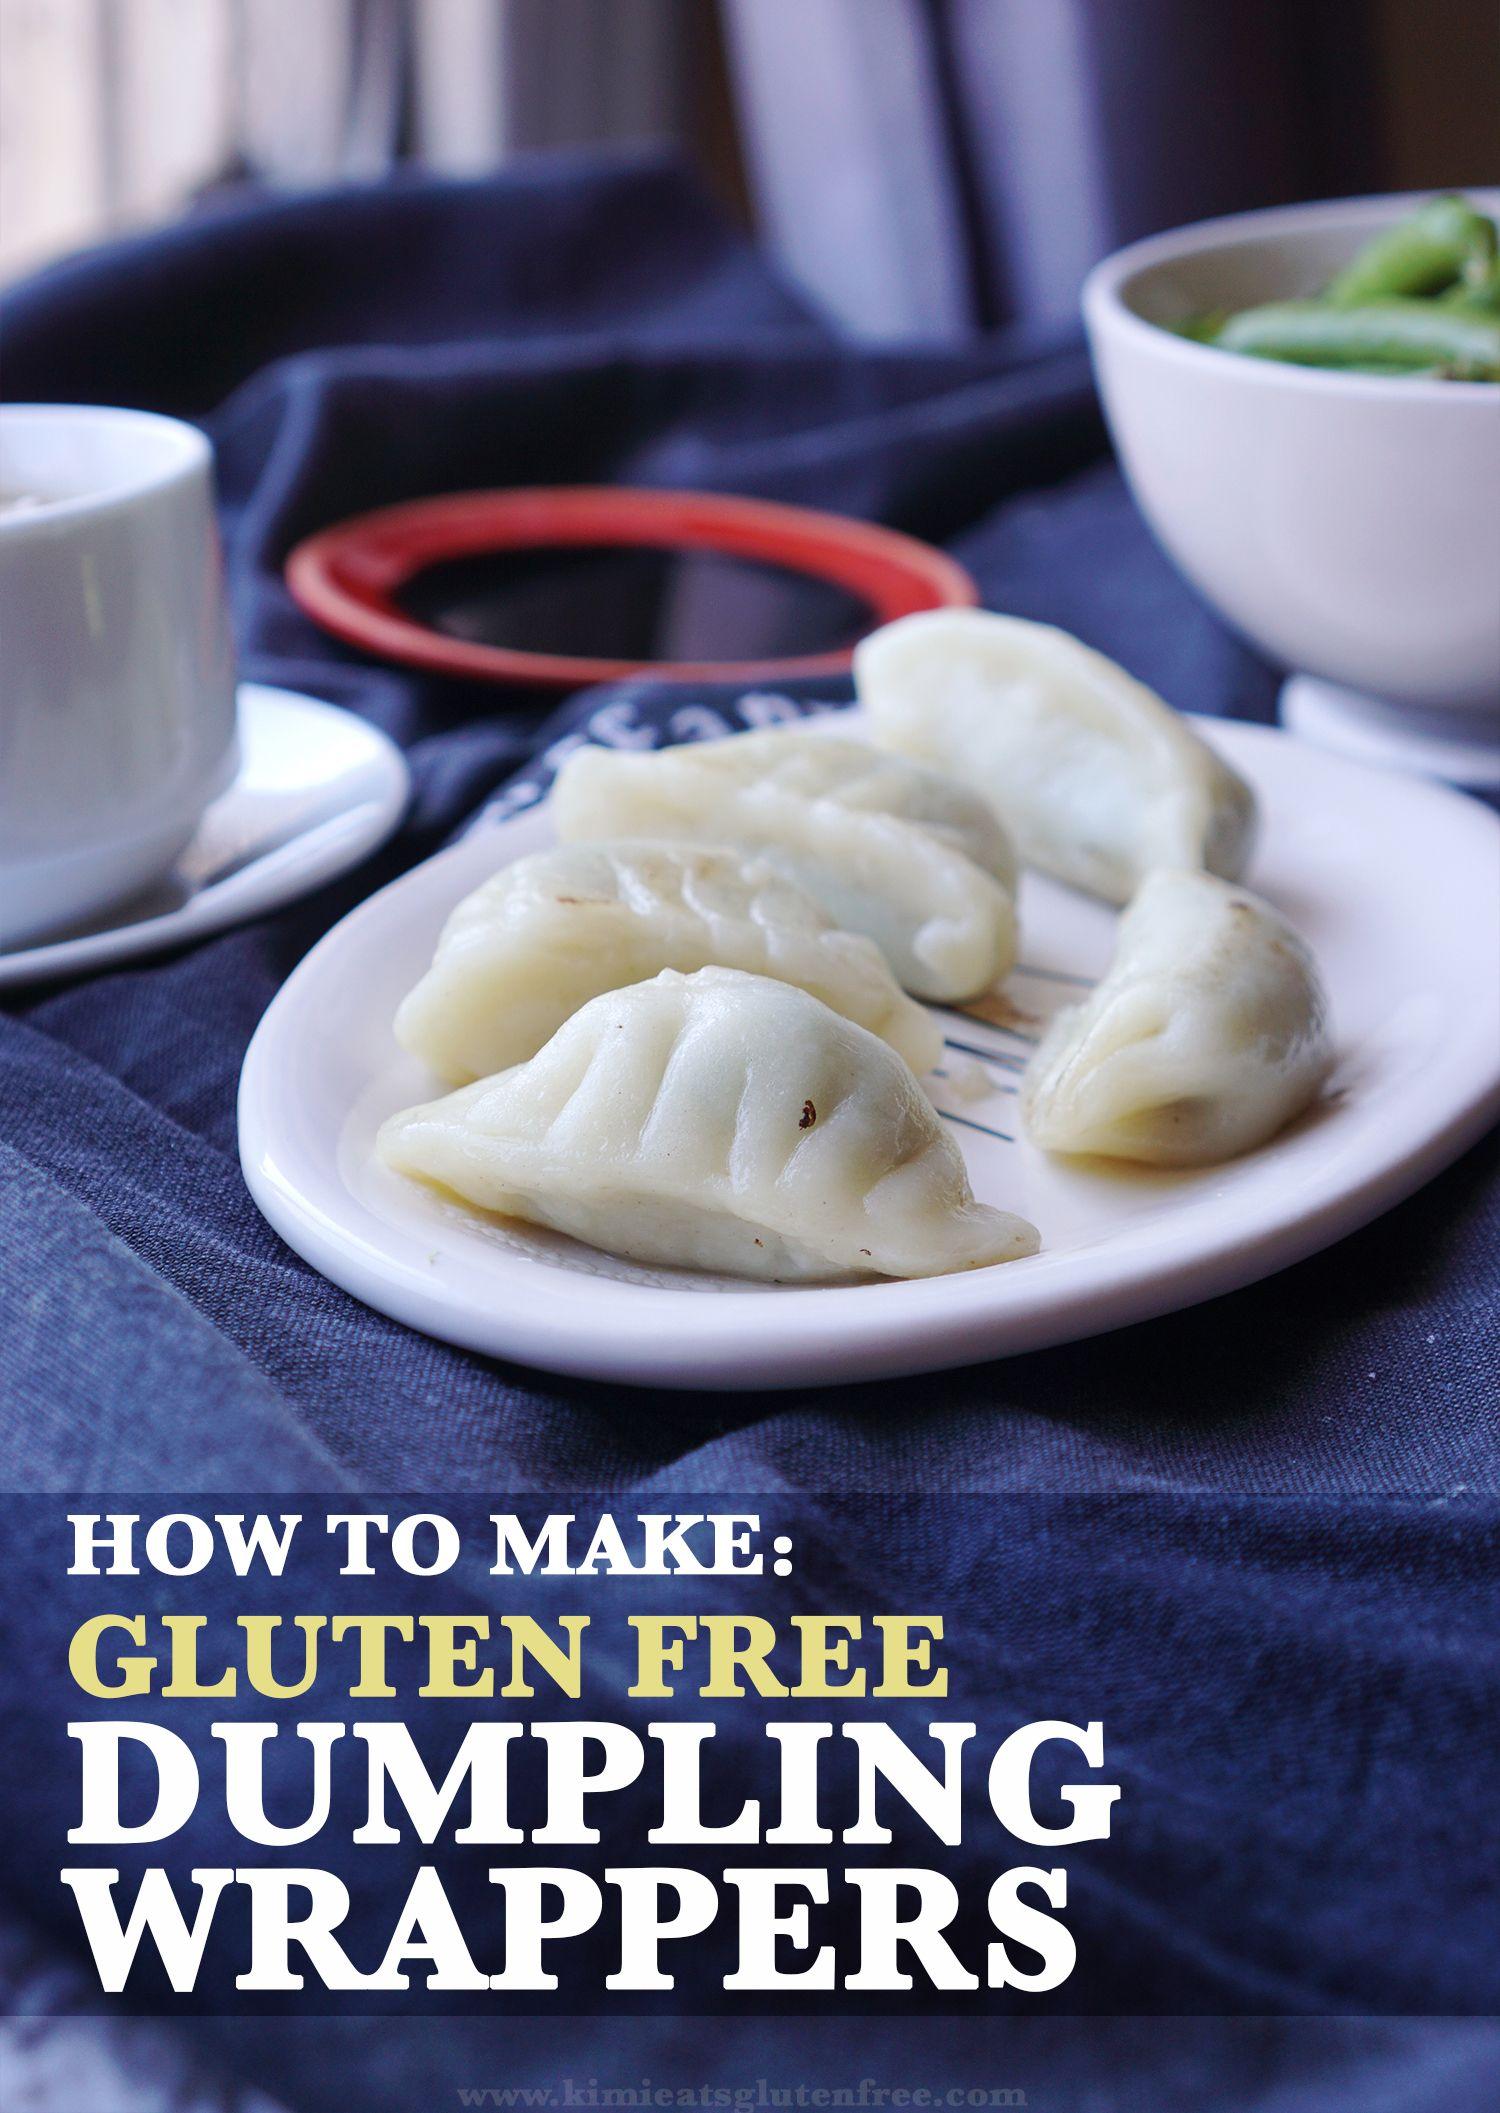 How To Make Gluten Free Dumpling Wrappers Recipe Gluten Free